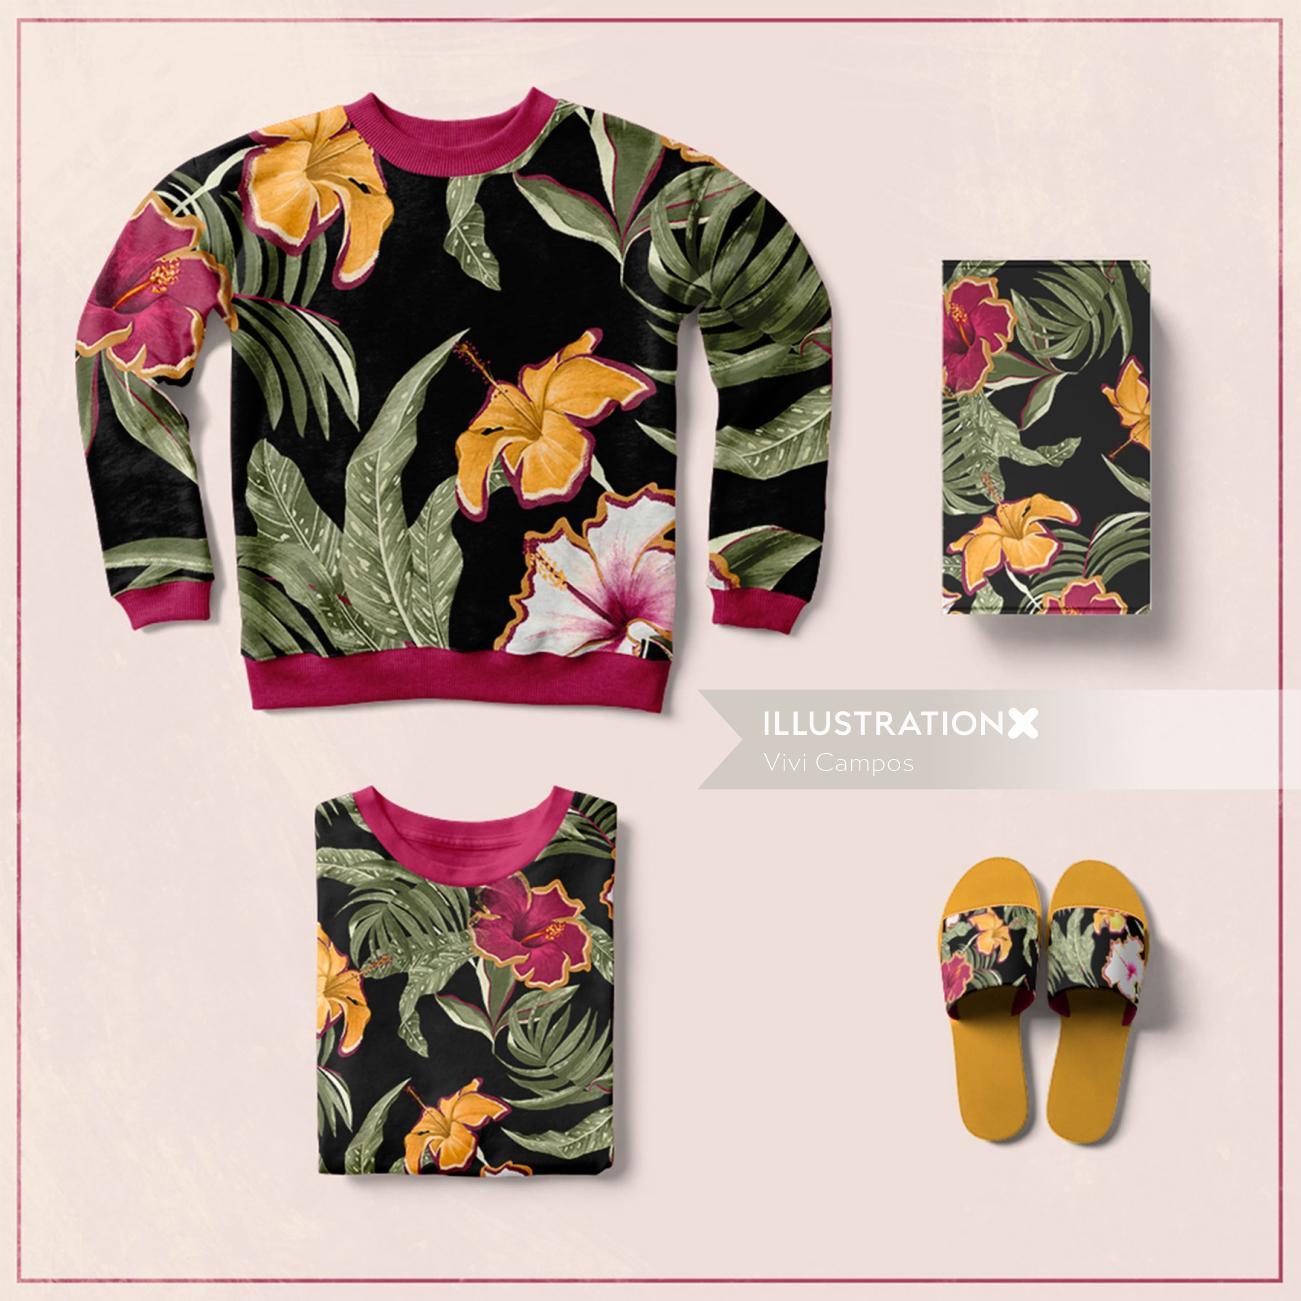 clothing illustration